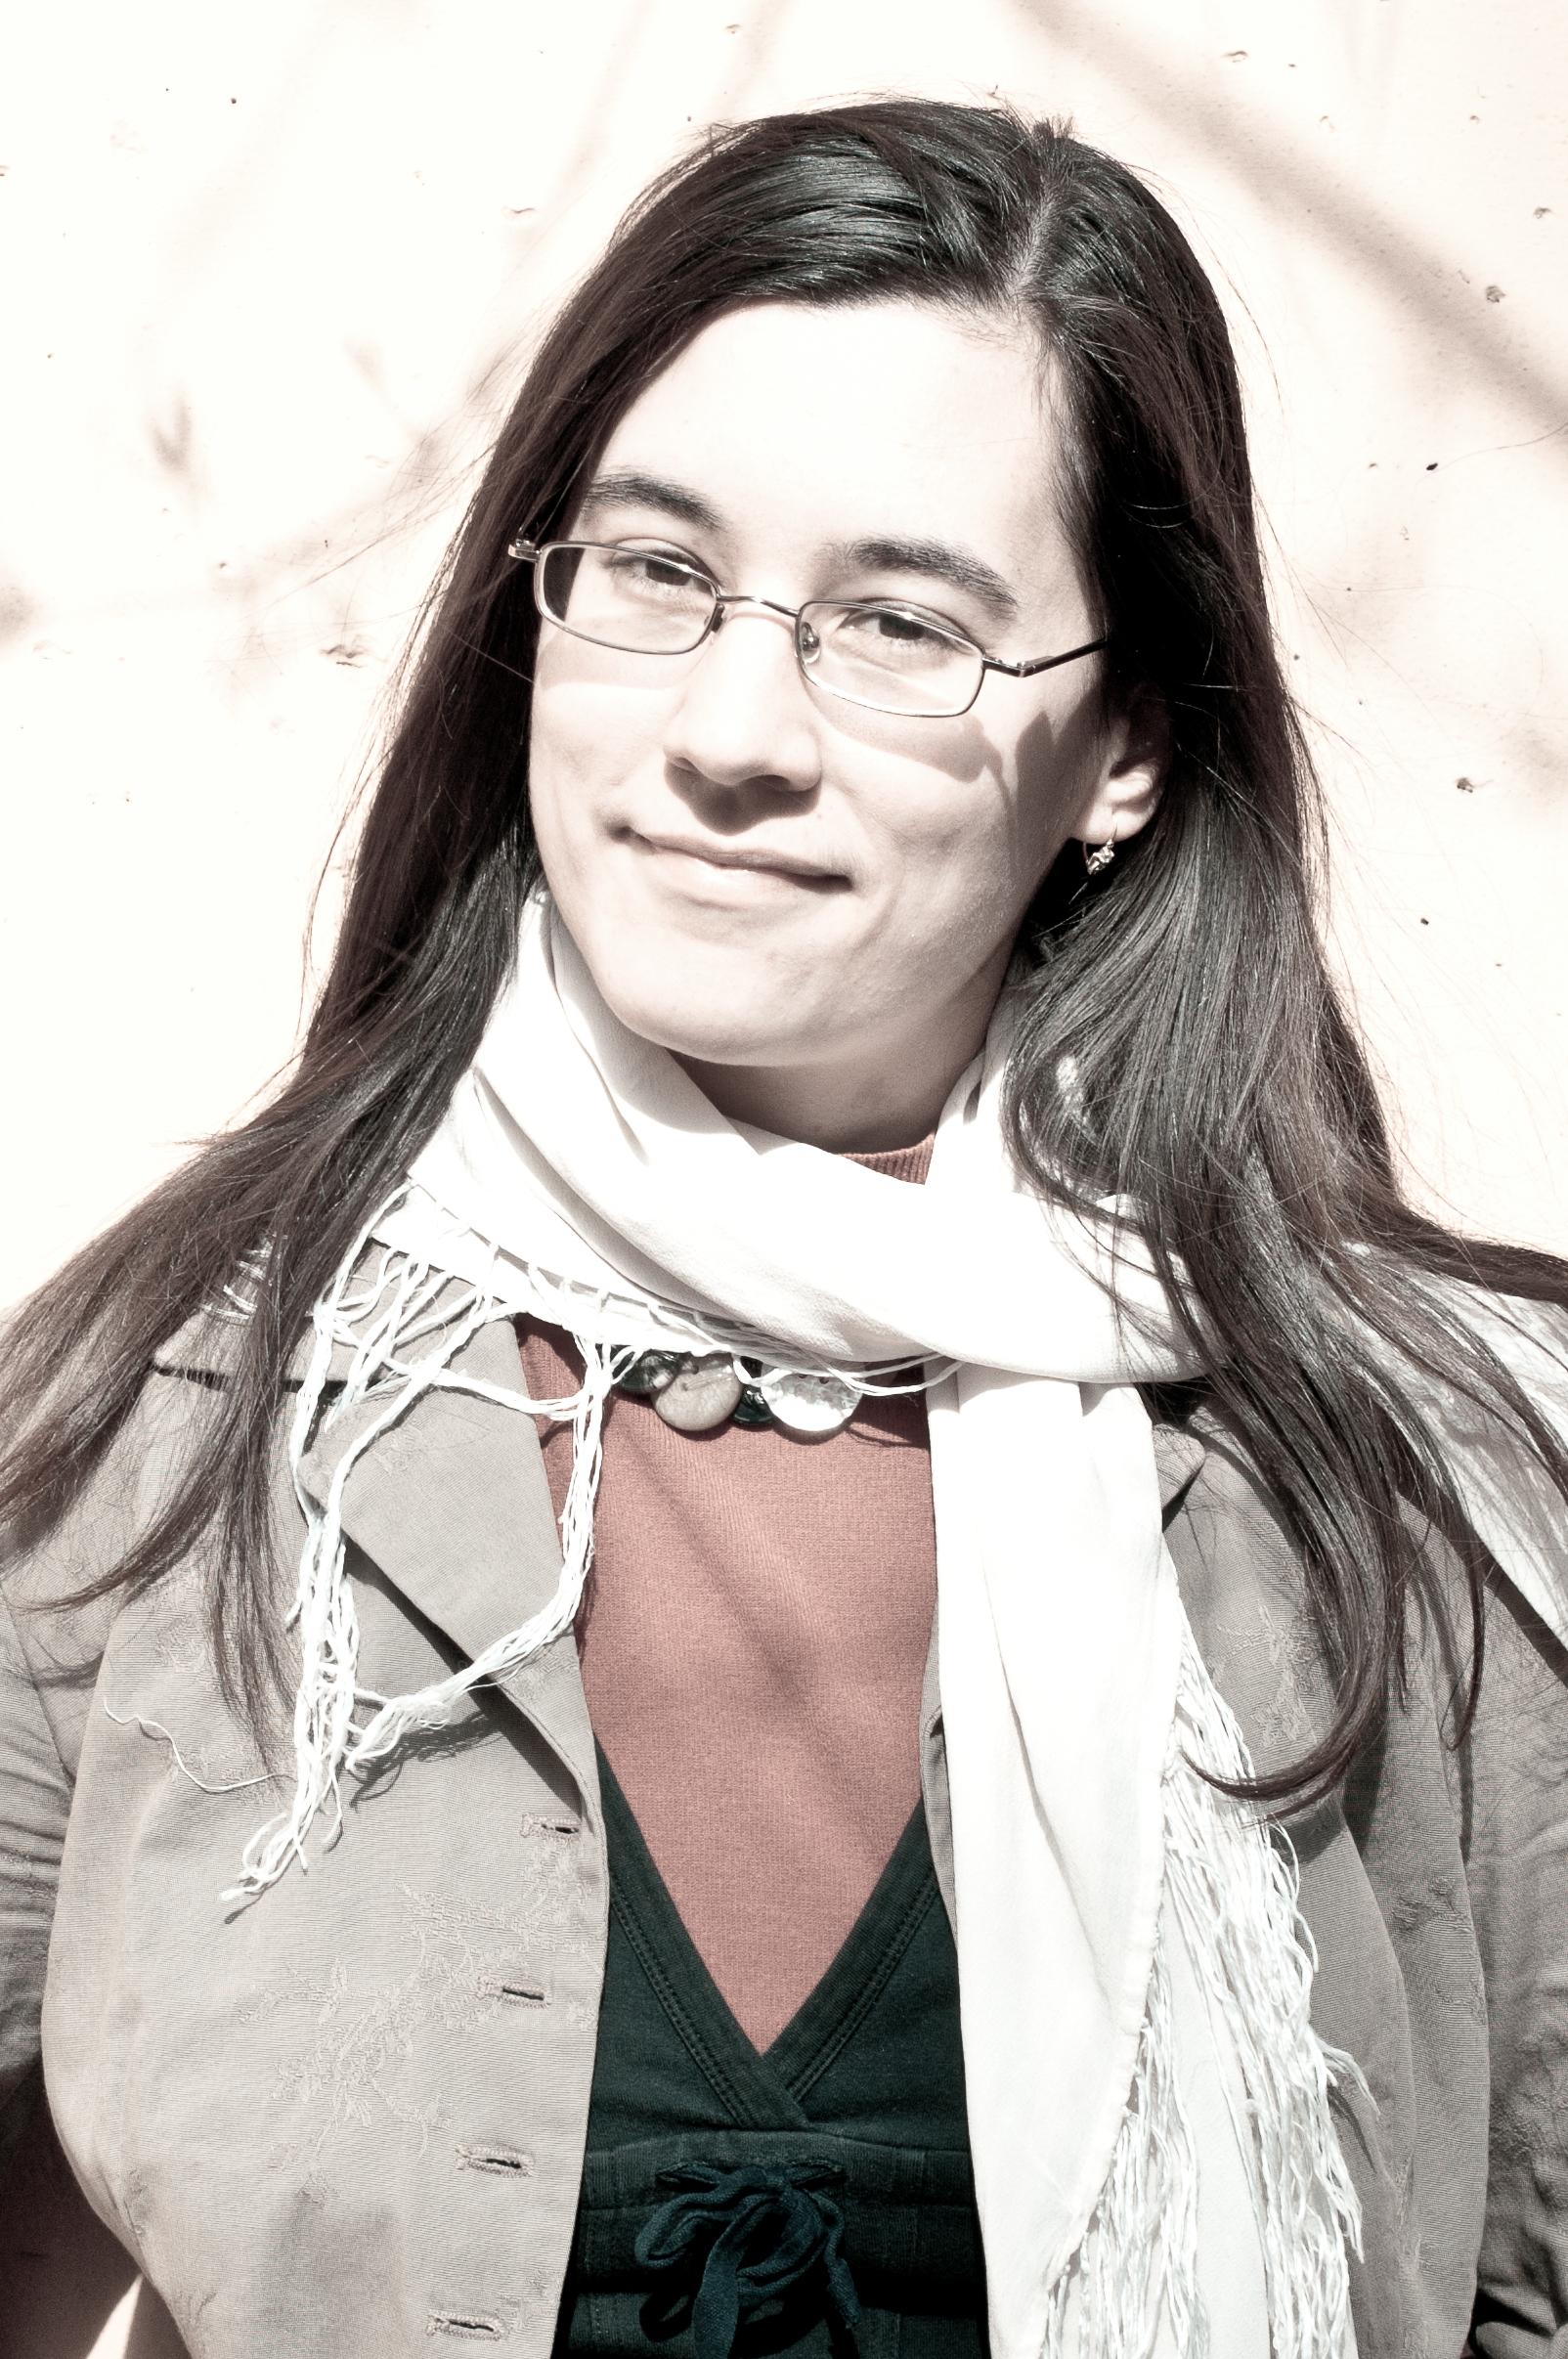 Cecilia Stenszky